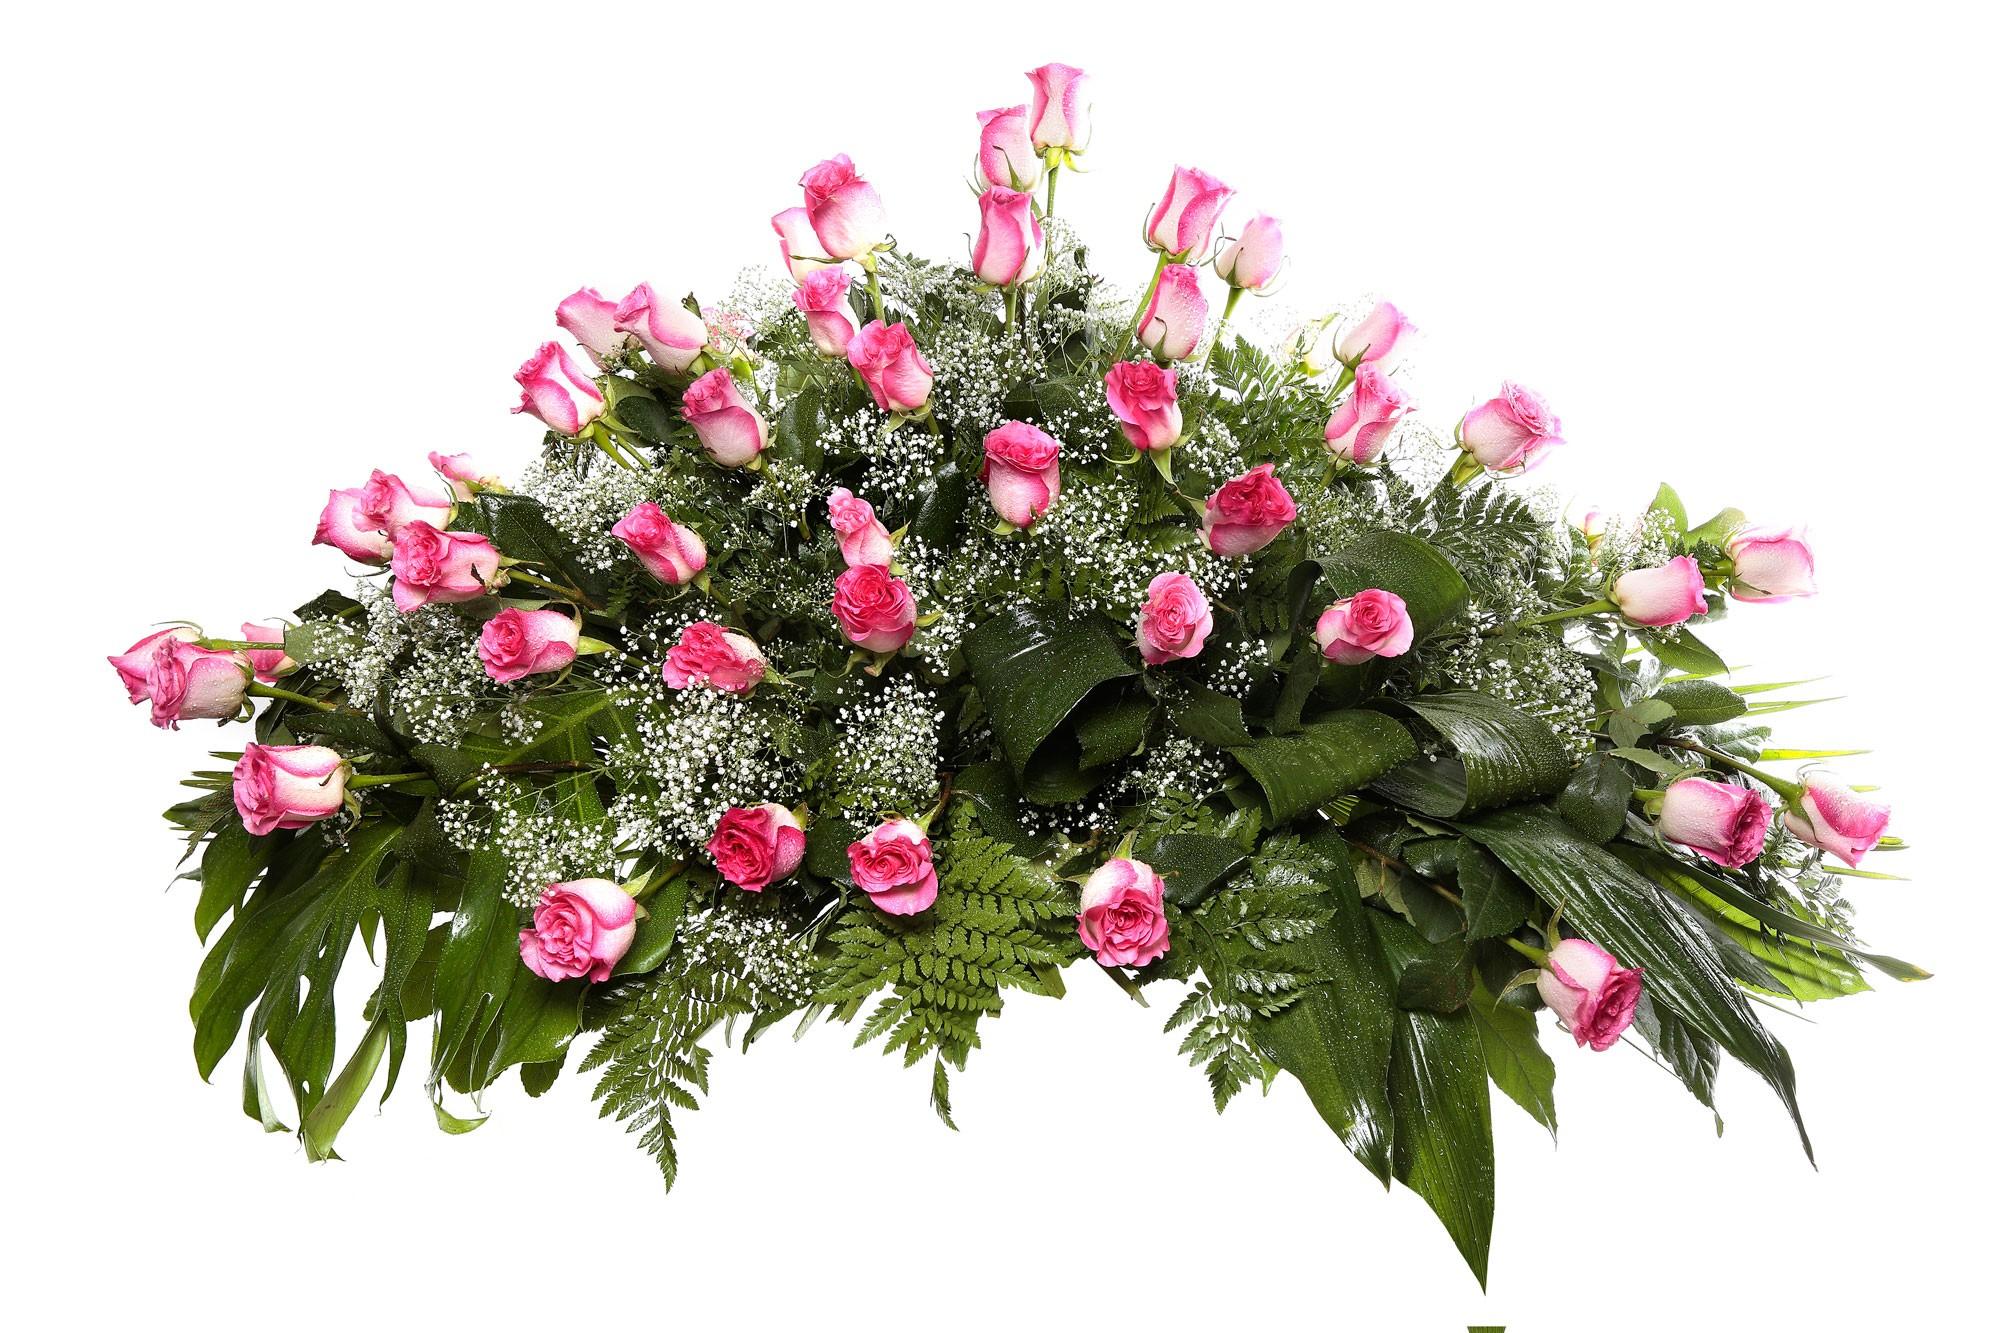 Palma flores tanatorio 12 C